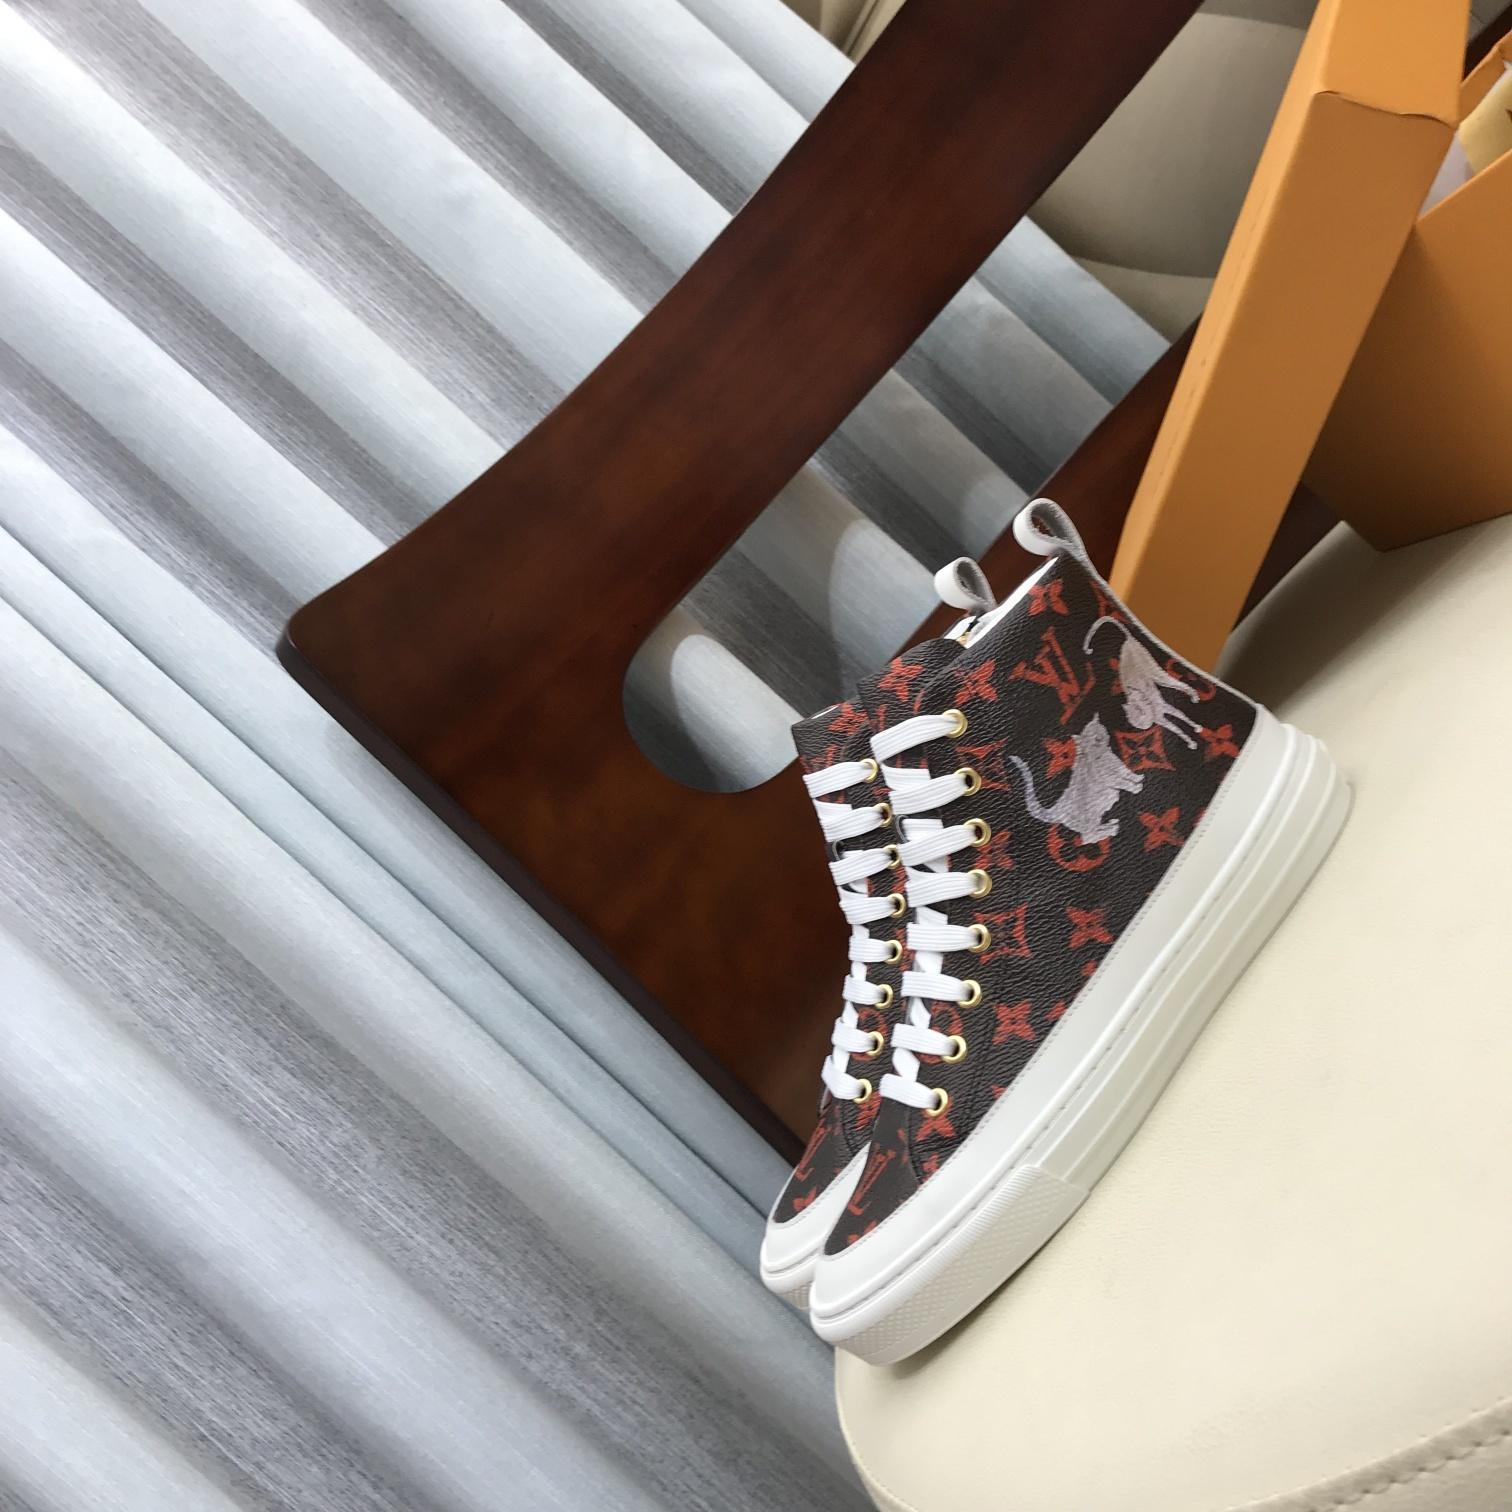 1vv27 New limitado edição da série Francês high-end mulheres s sapatos casuais, moda mulheres s botas, sapatos de desporto de alta qualidade, entrega gratuita 36-40